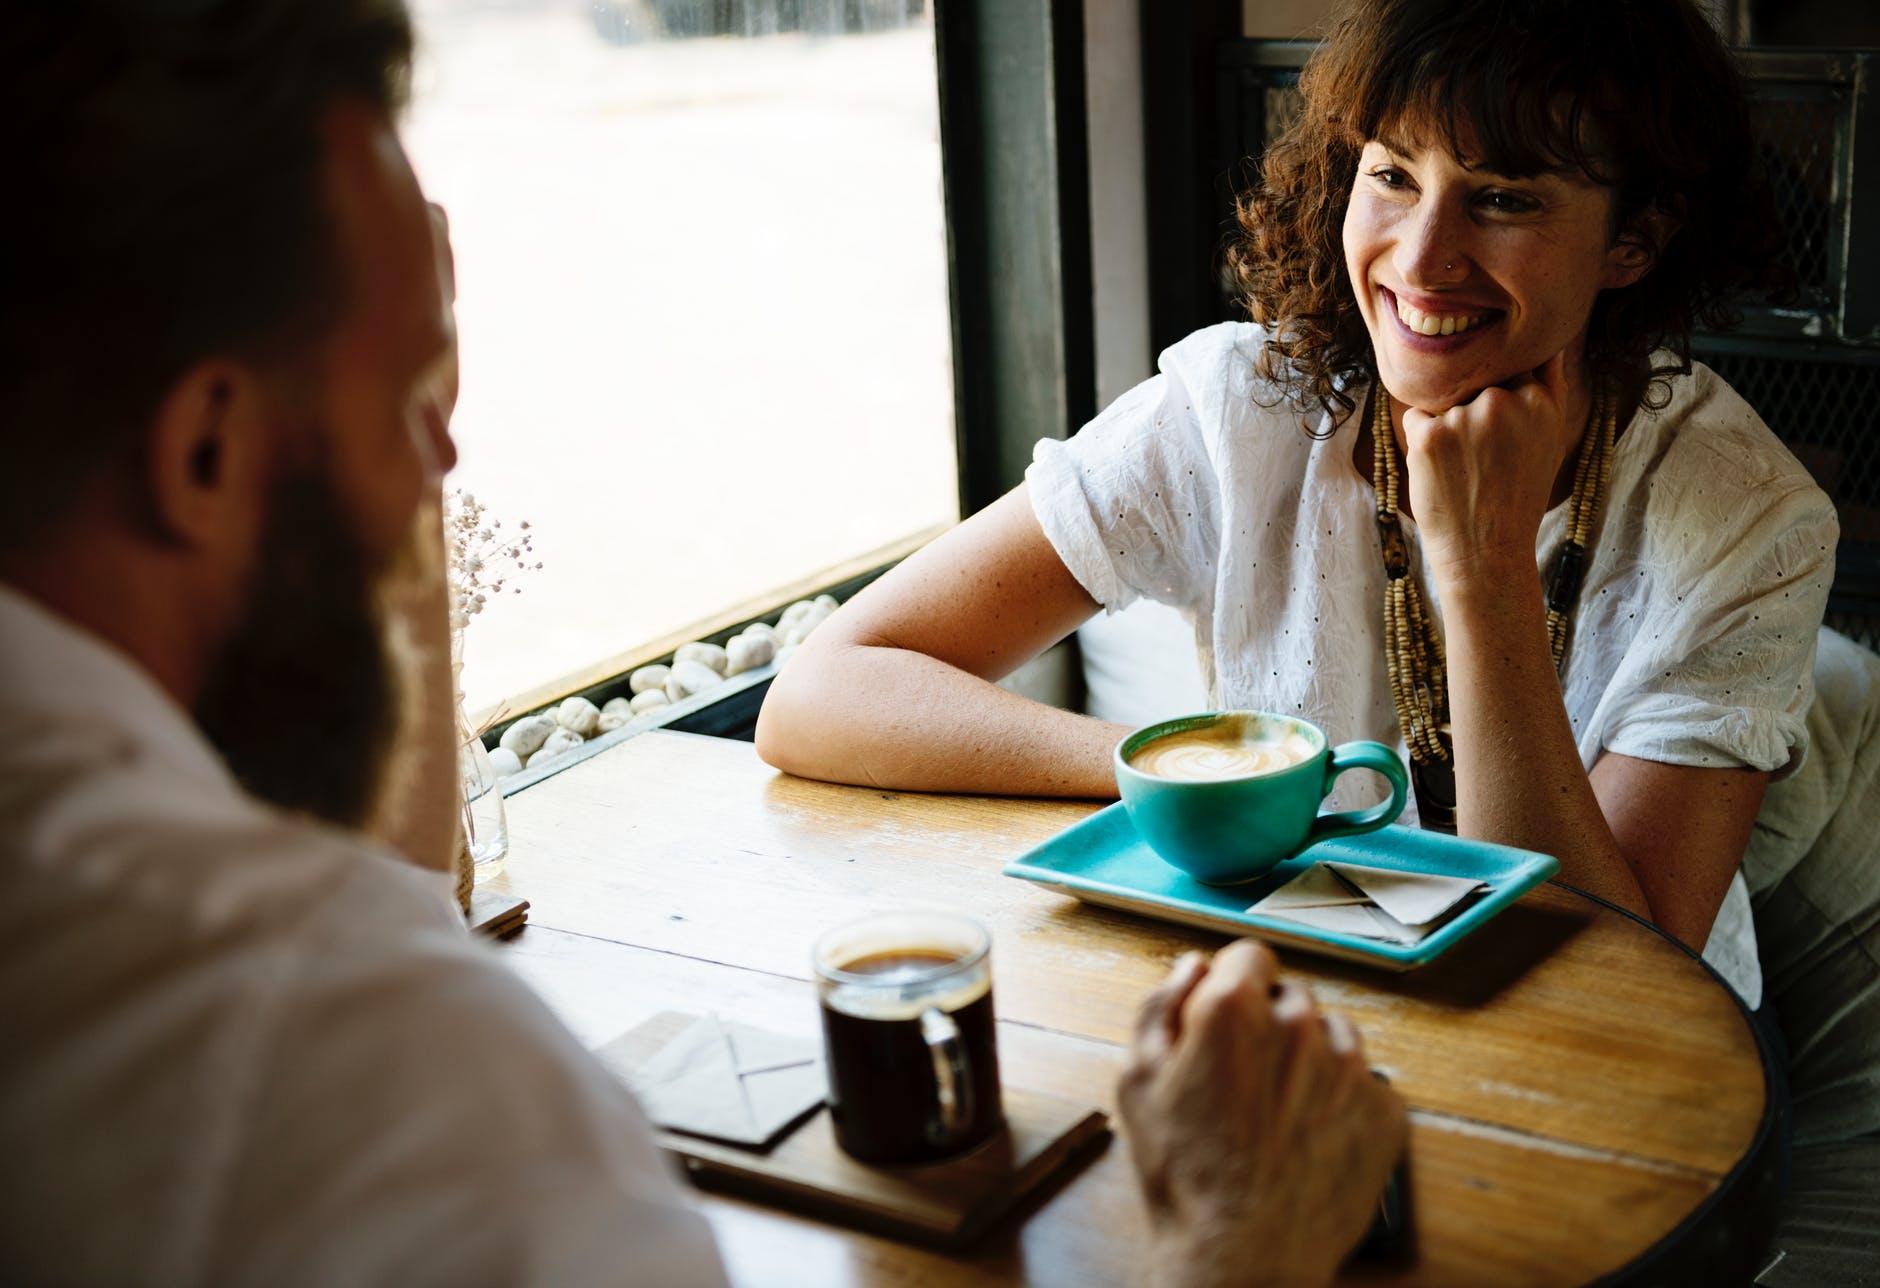 """Photo by rawpixel.com on <a href=""""https://www.pexels.com/photo/beard-beverages-break-cafe-630831/"""" rel=""""nofollow"""">Pexels.com</a>"""